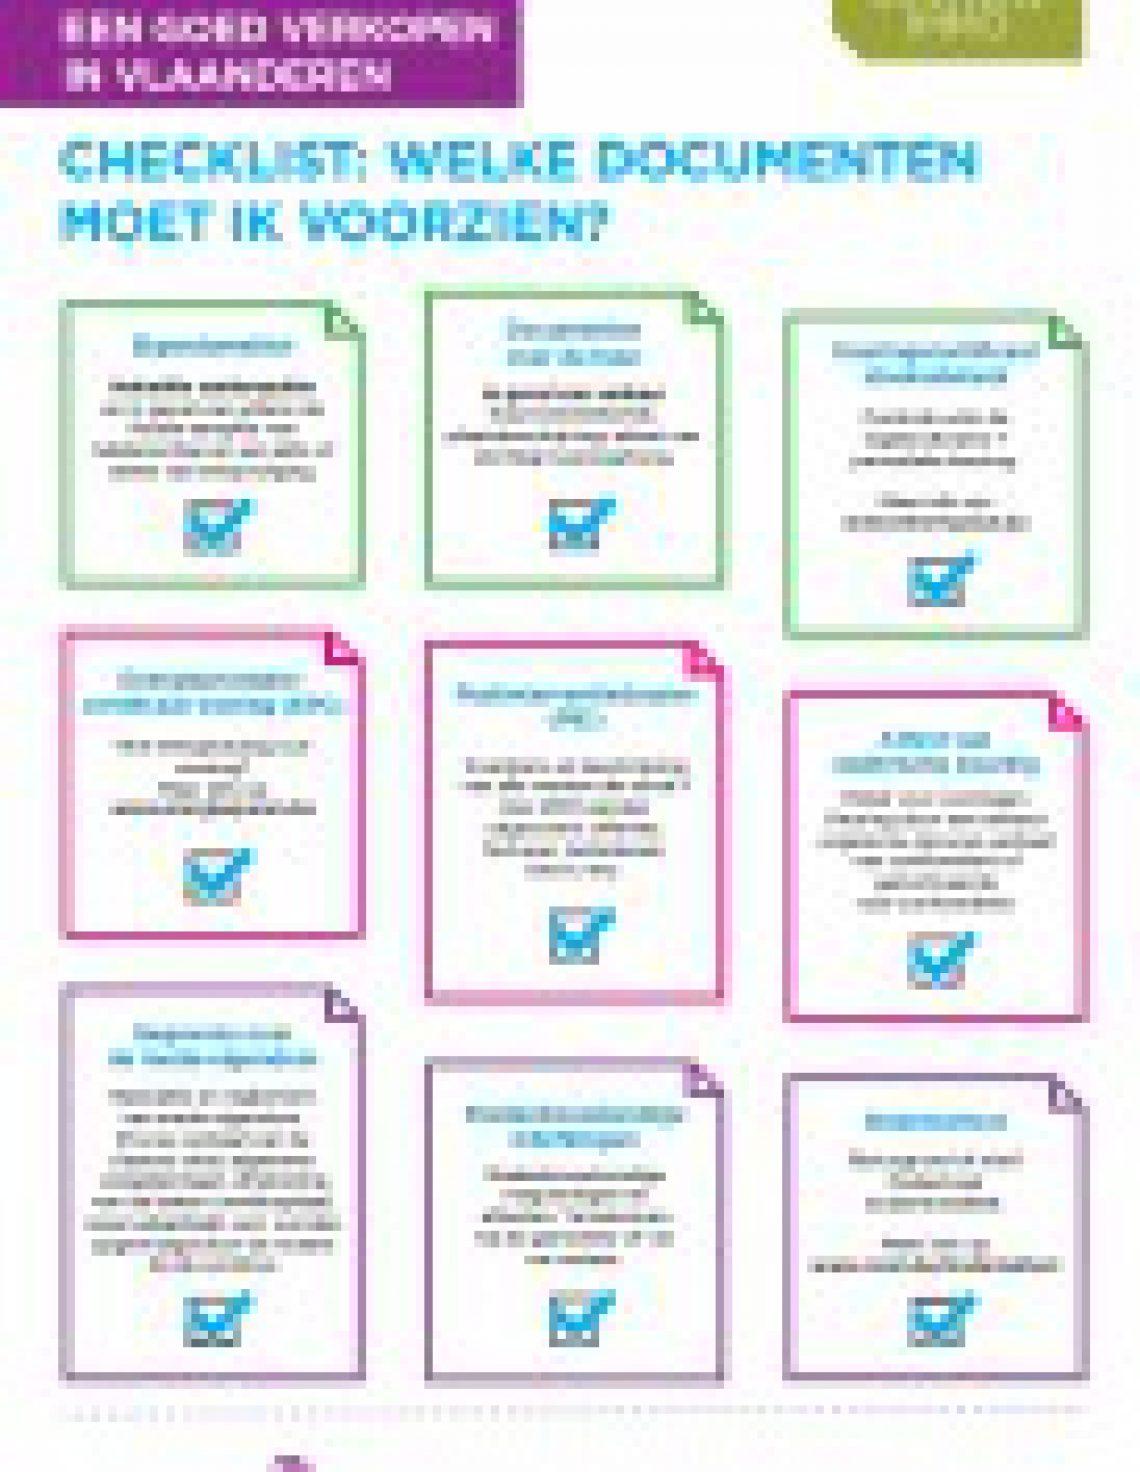 Een woning verkopen in Vlaanderen hoe kan je ervoor zorgen dat alles vlot verloopt.jpg 2